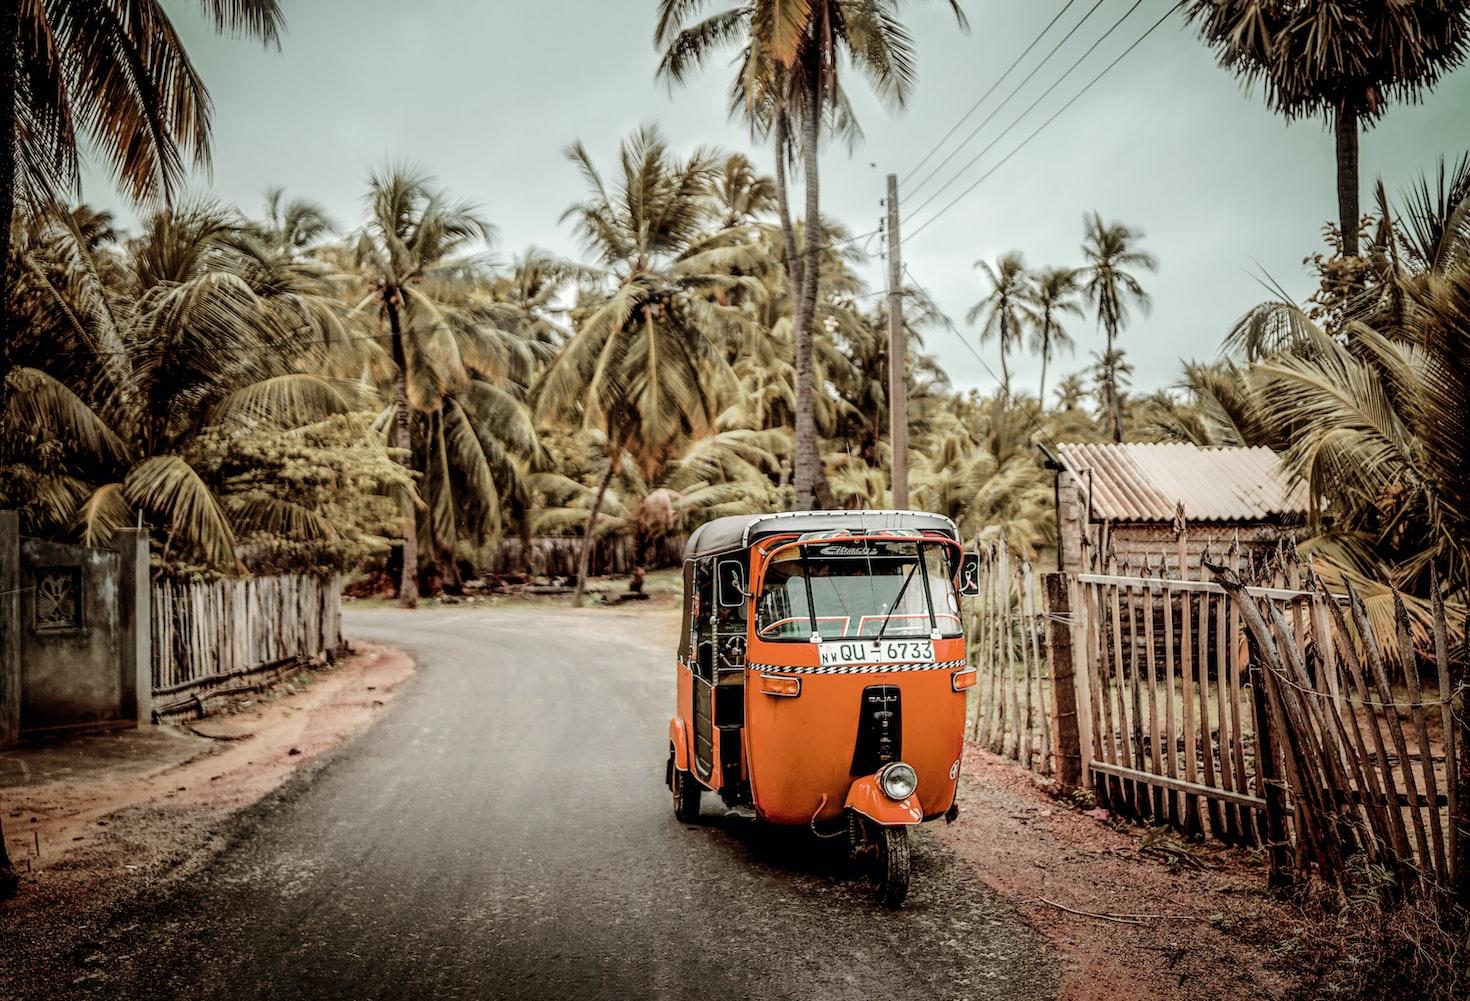 Indian ocean vacation: SriLanka